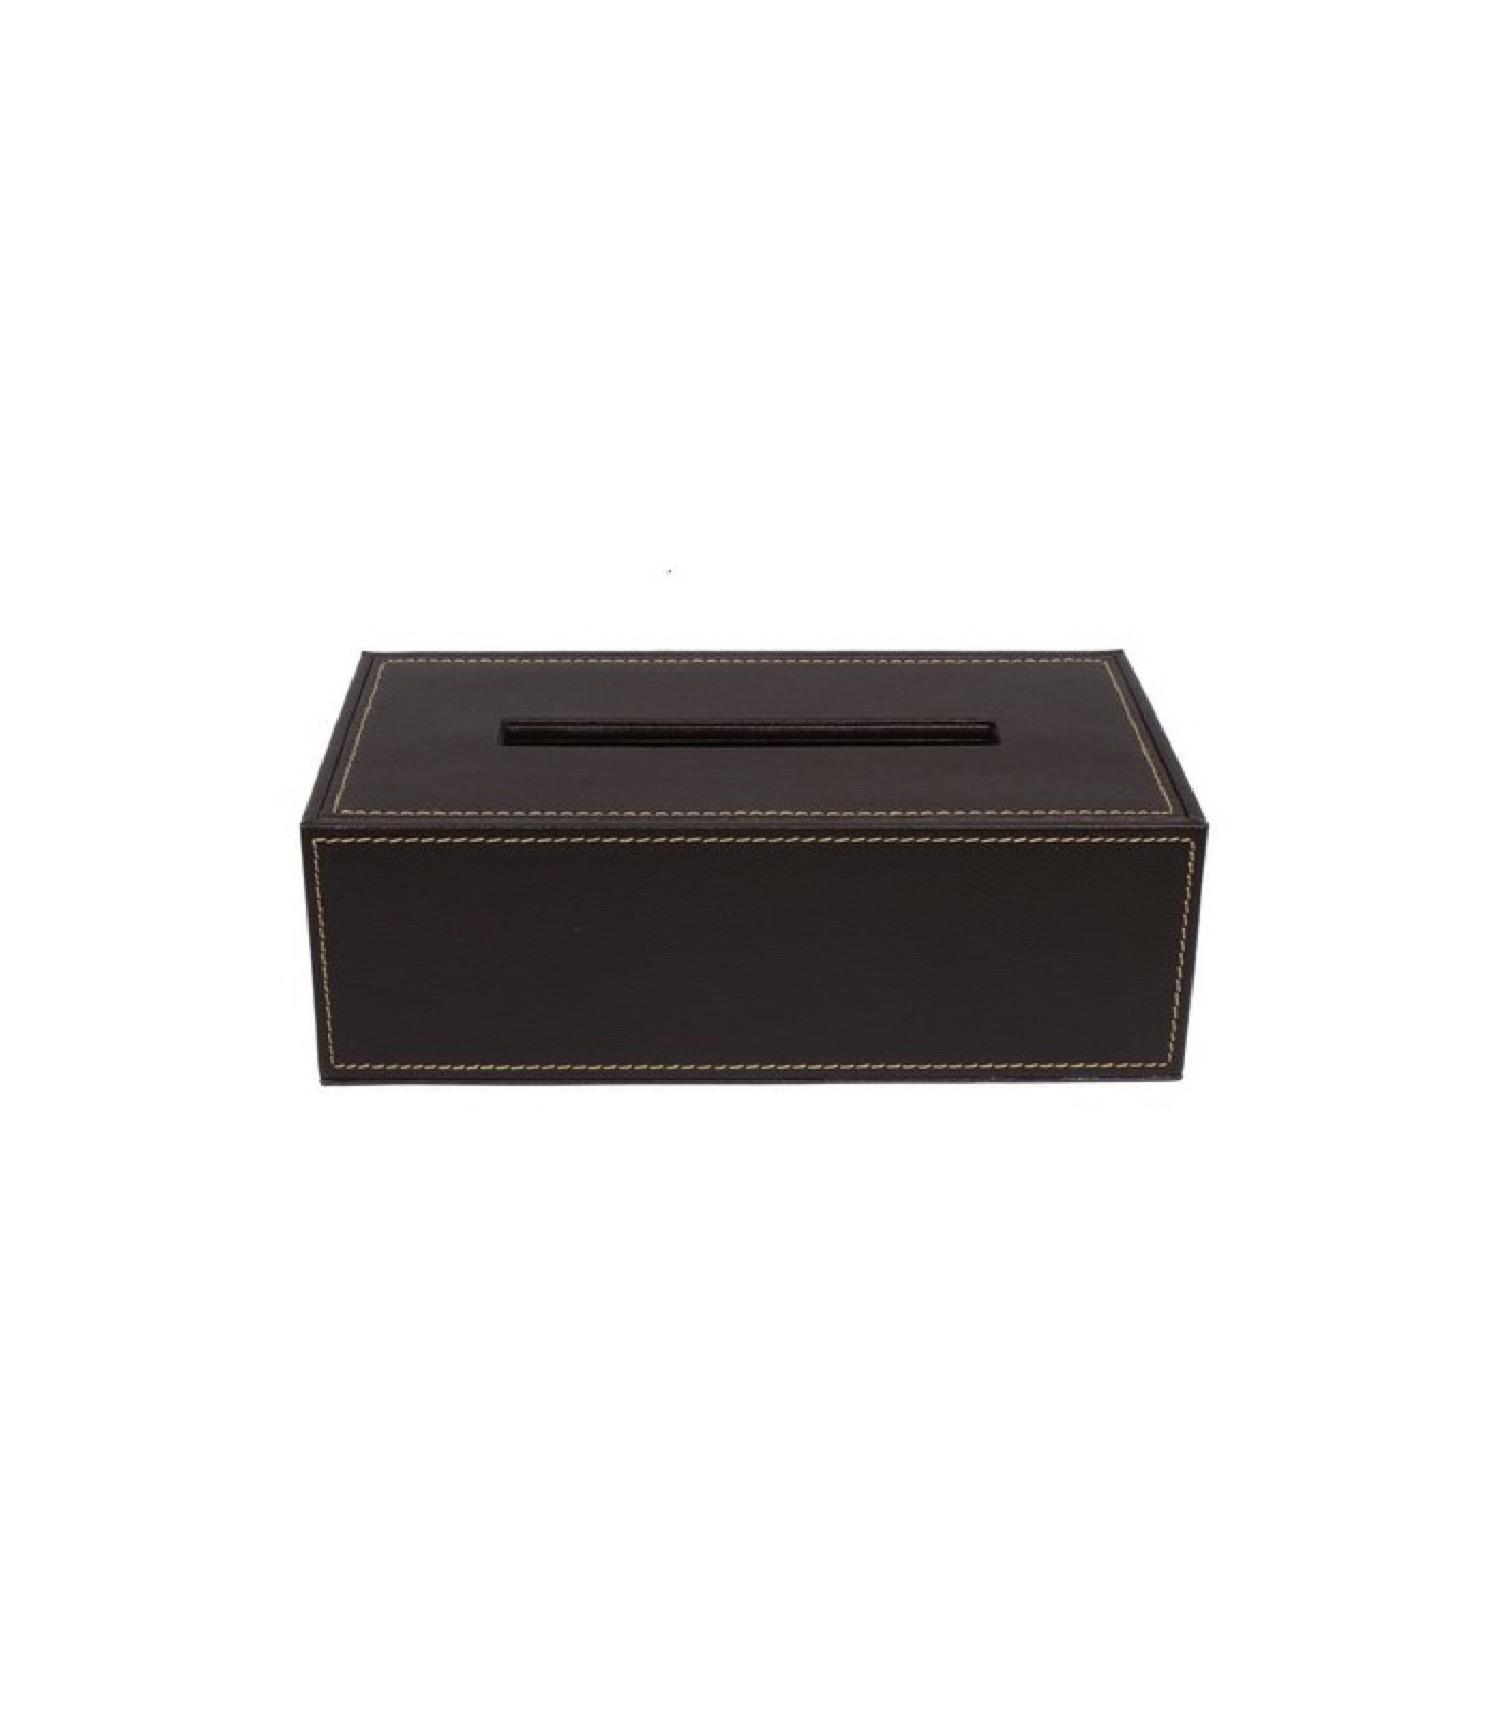 Boîte à mouchoirs design similicuir marron (photo)